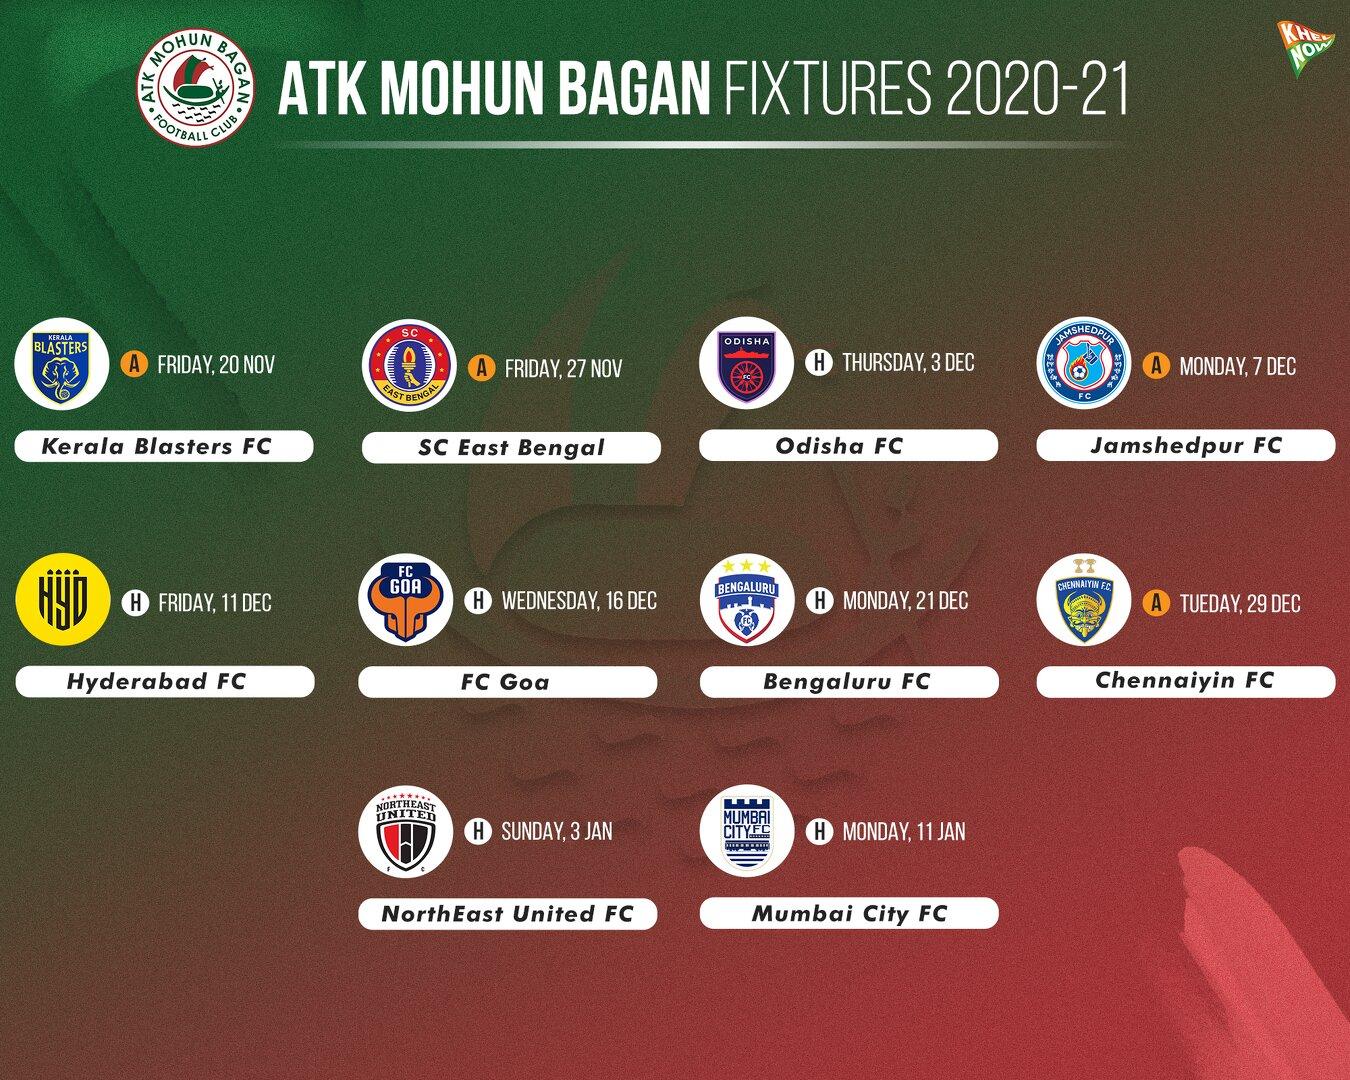 ATK Mohun Bagan fixtures